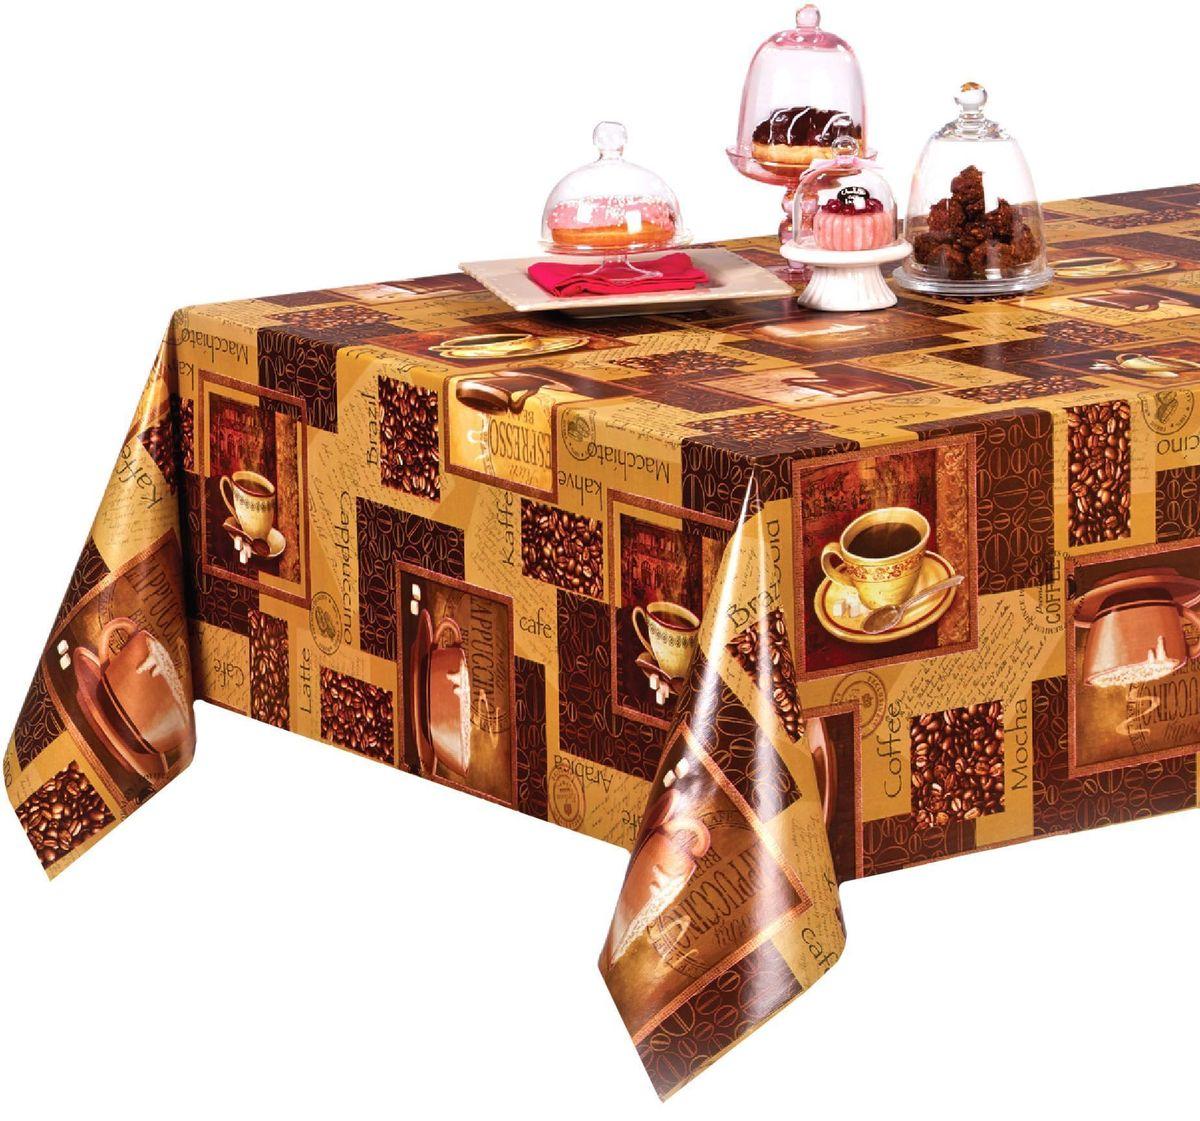 Столовая клеенка LCadesi Florista, прямоугольная, 100 х 140 см. FL100140-004-00FL100140-004-00Столовая клеенка Florista с ярким дизайном украсит ваш стол и защитит его от царапин и пятен. Благодаря основе из нетканого материала не скользит по столу. Клеенка не имеет запаха и совершенно безопасна для человека.